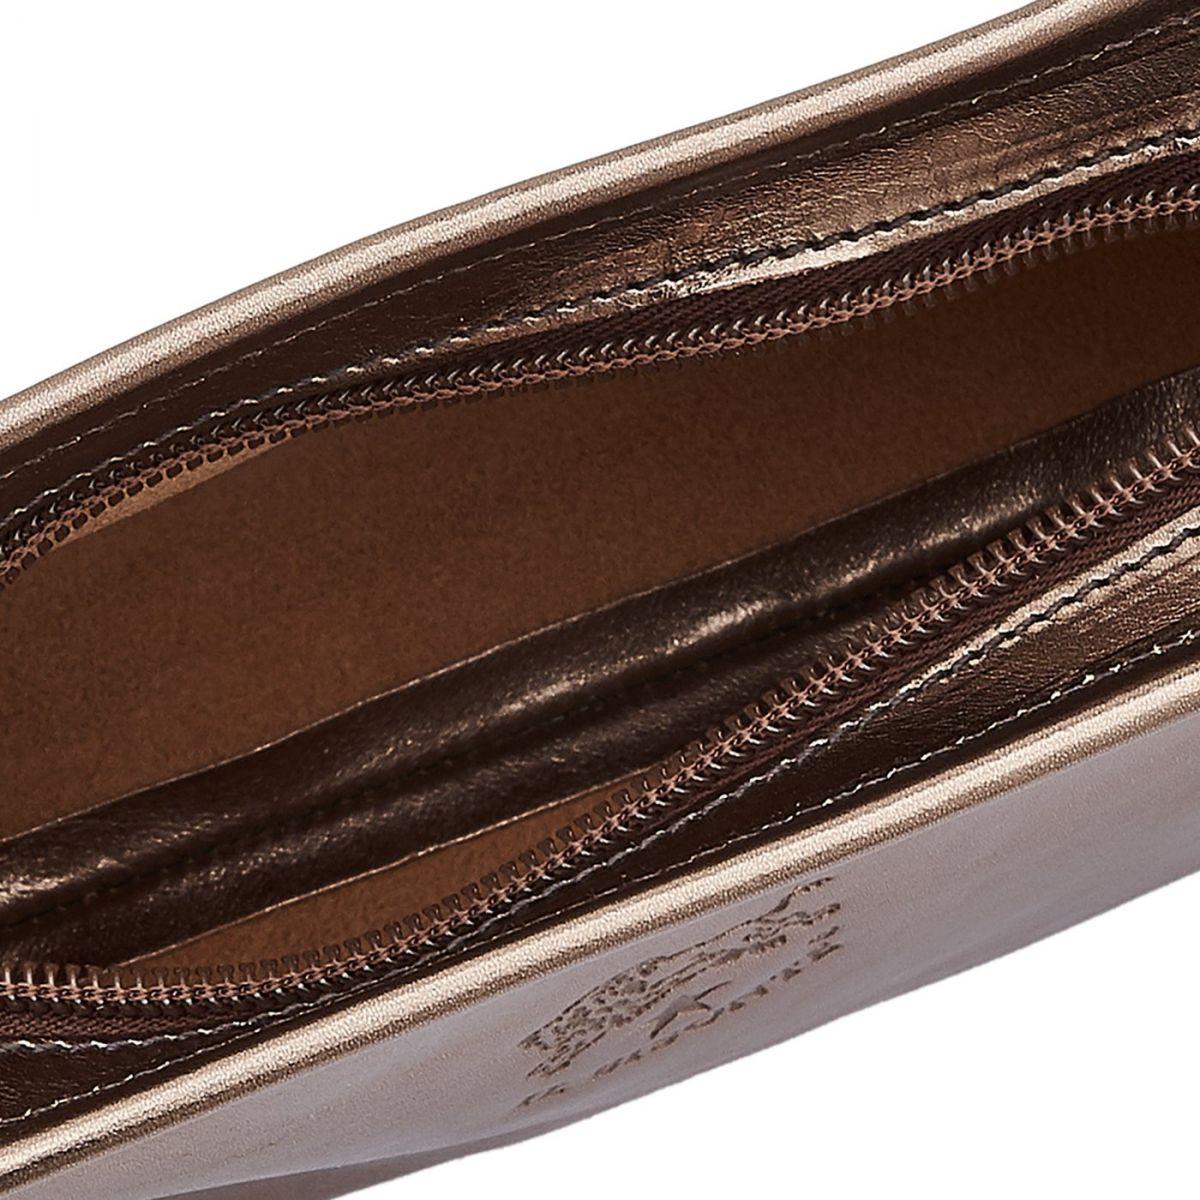 Sac Bandouliere pour Femme en Cuir Métallisé BCR009 couleur Métallique Bronze | Details